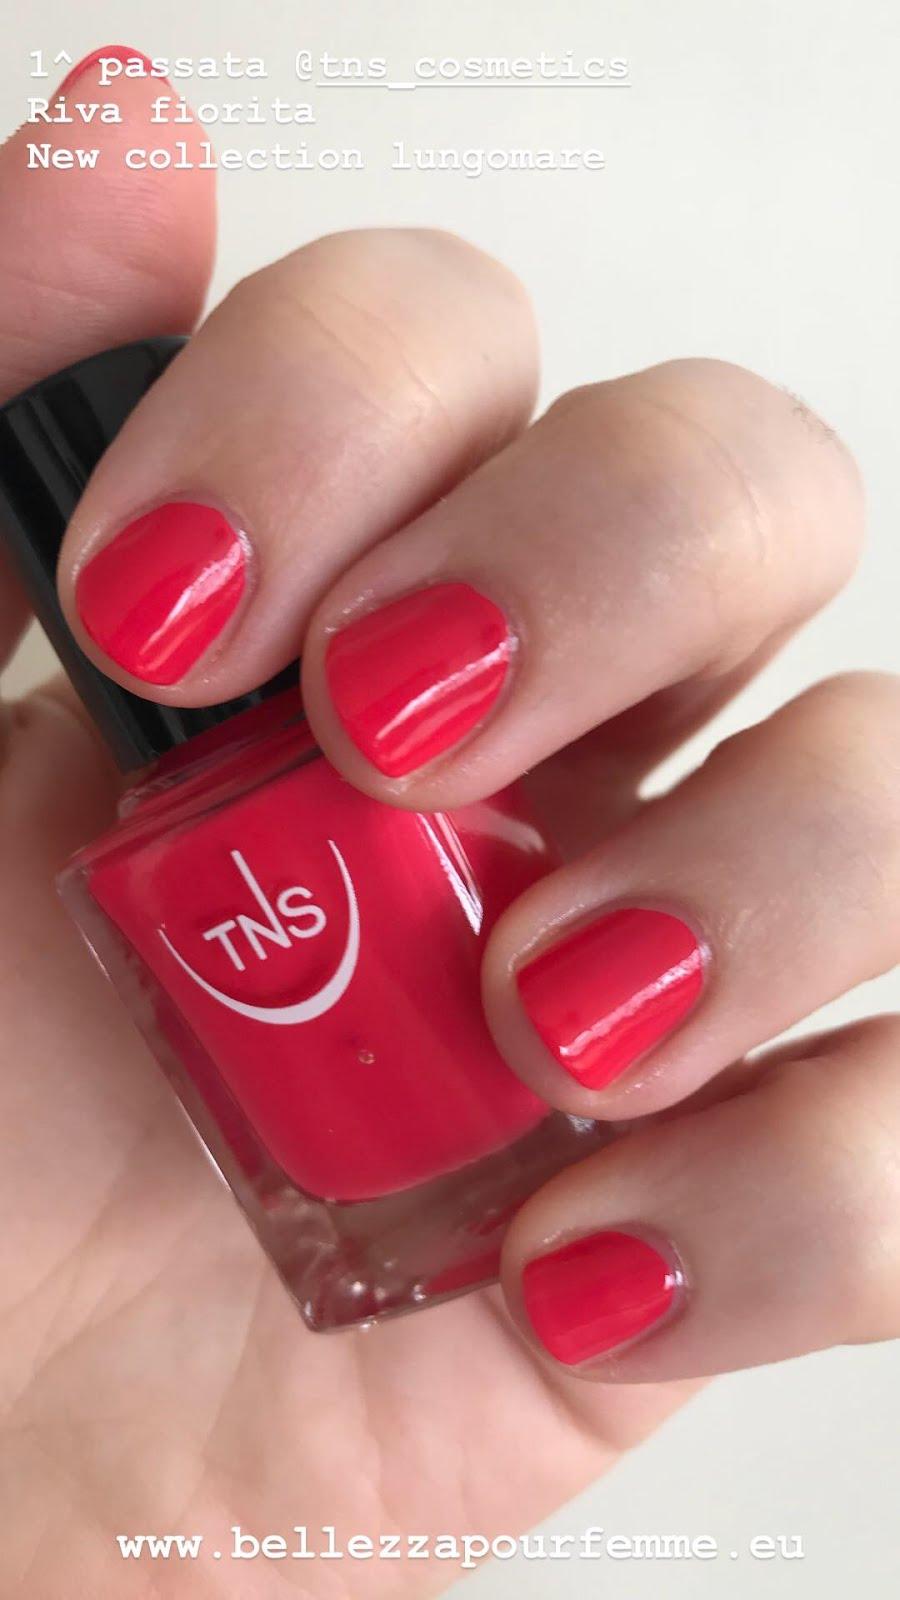 1 applicazione TNS Cosmetics SS 2018 Lungomare smalto Riva Fiorita